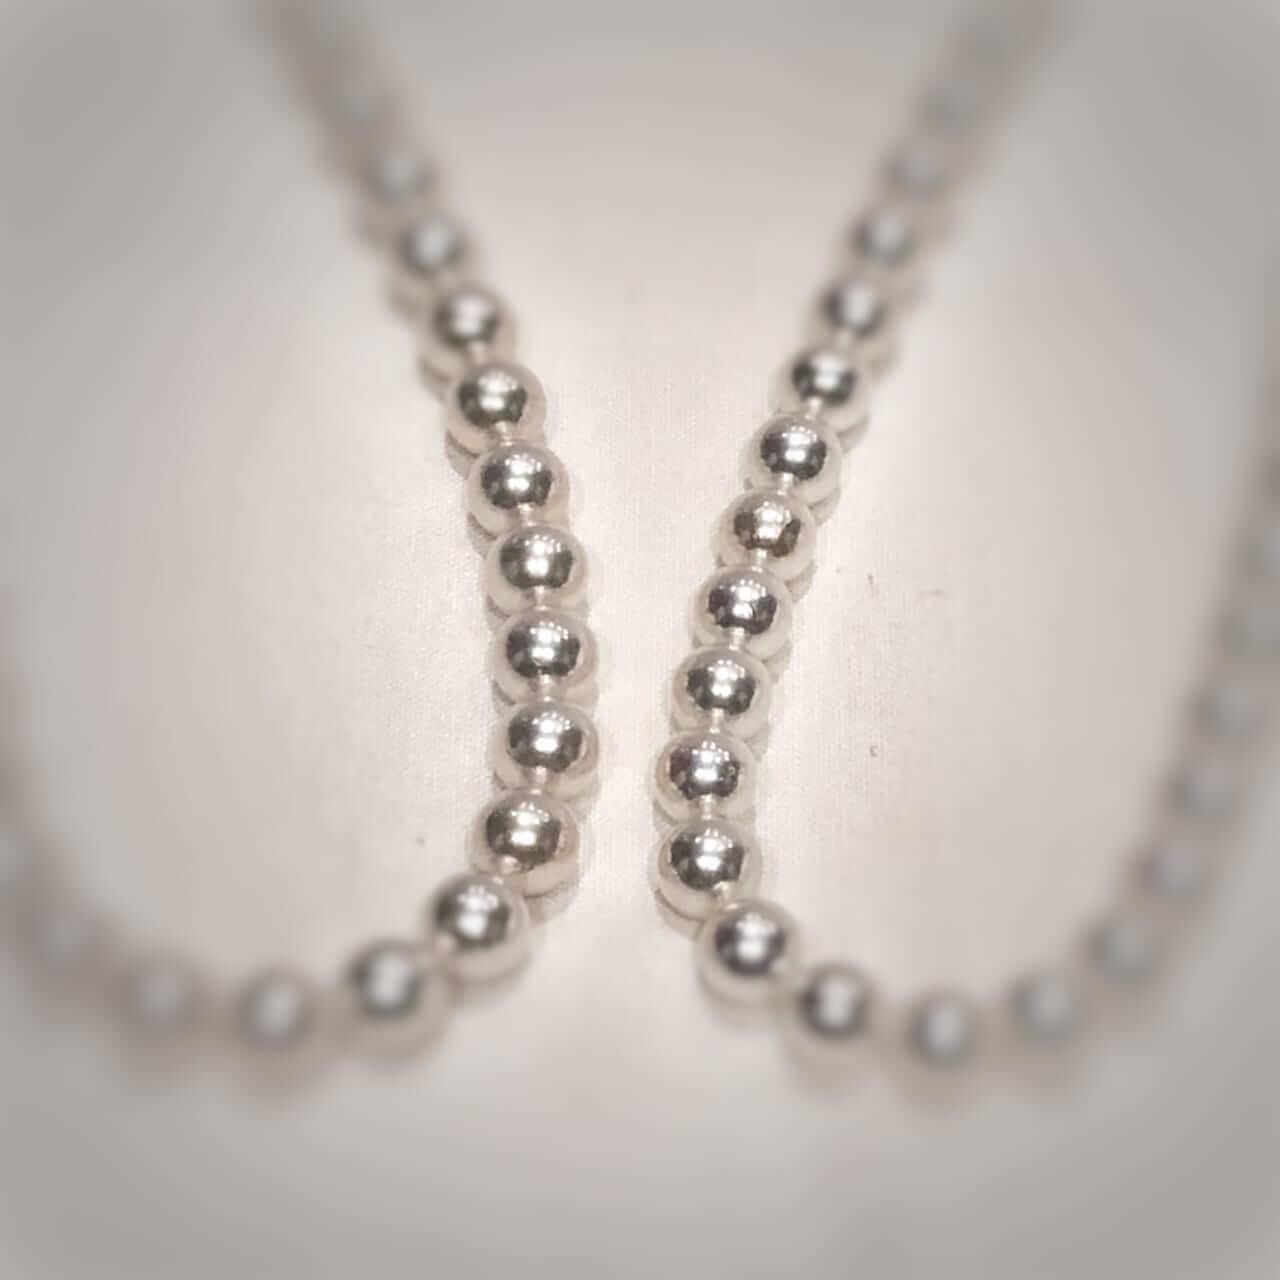 あこや真珠 調色・無調色 ネックレス